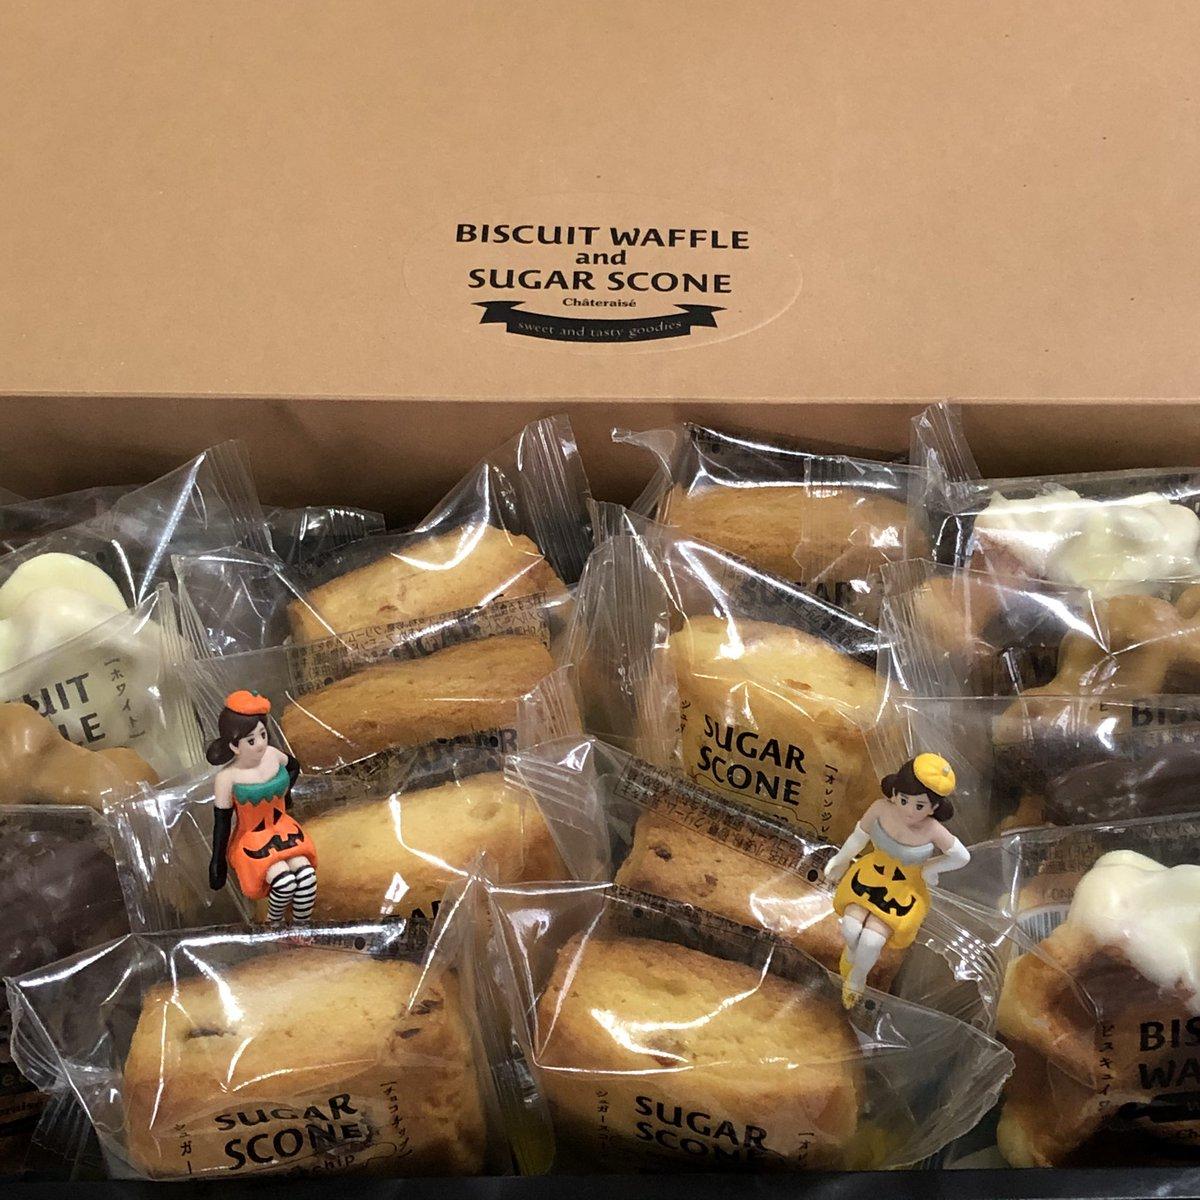 香典返しで頂いたお菓子 #シャトレーゼ #お菓子 #フチ子 #fuchiko https://t.co/BRrhVyMbnA